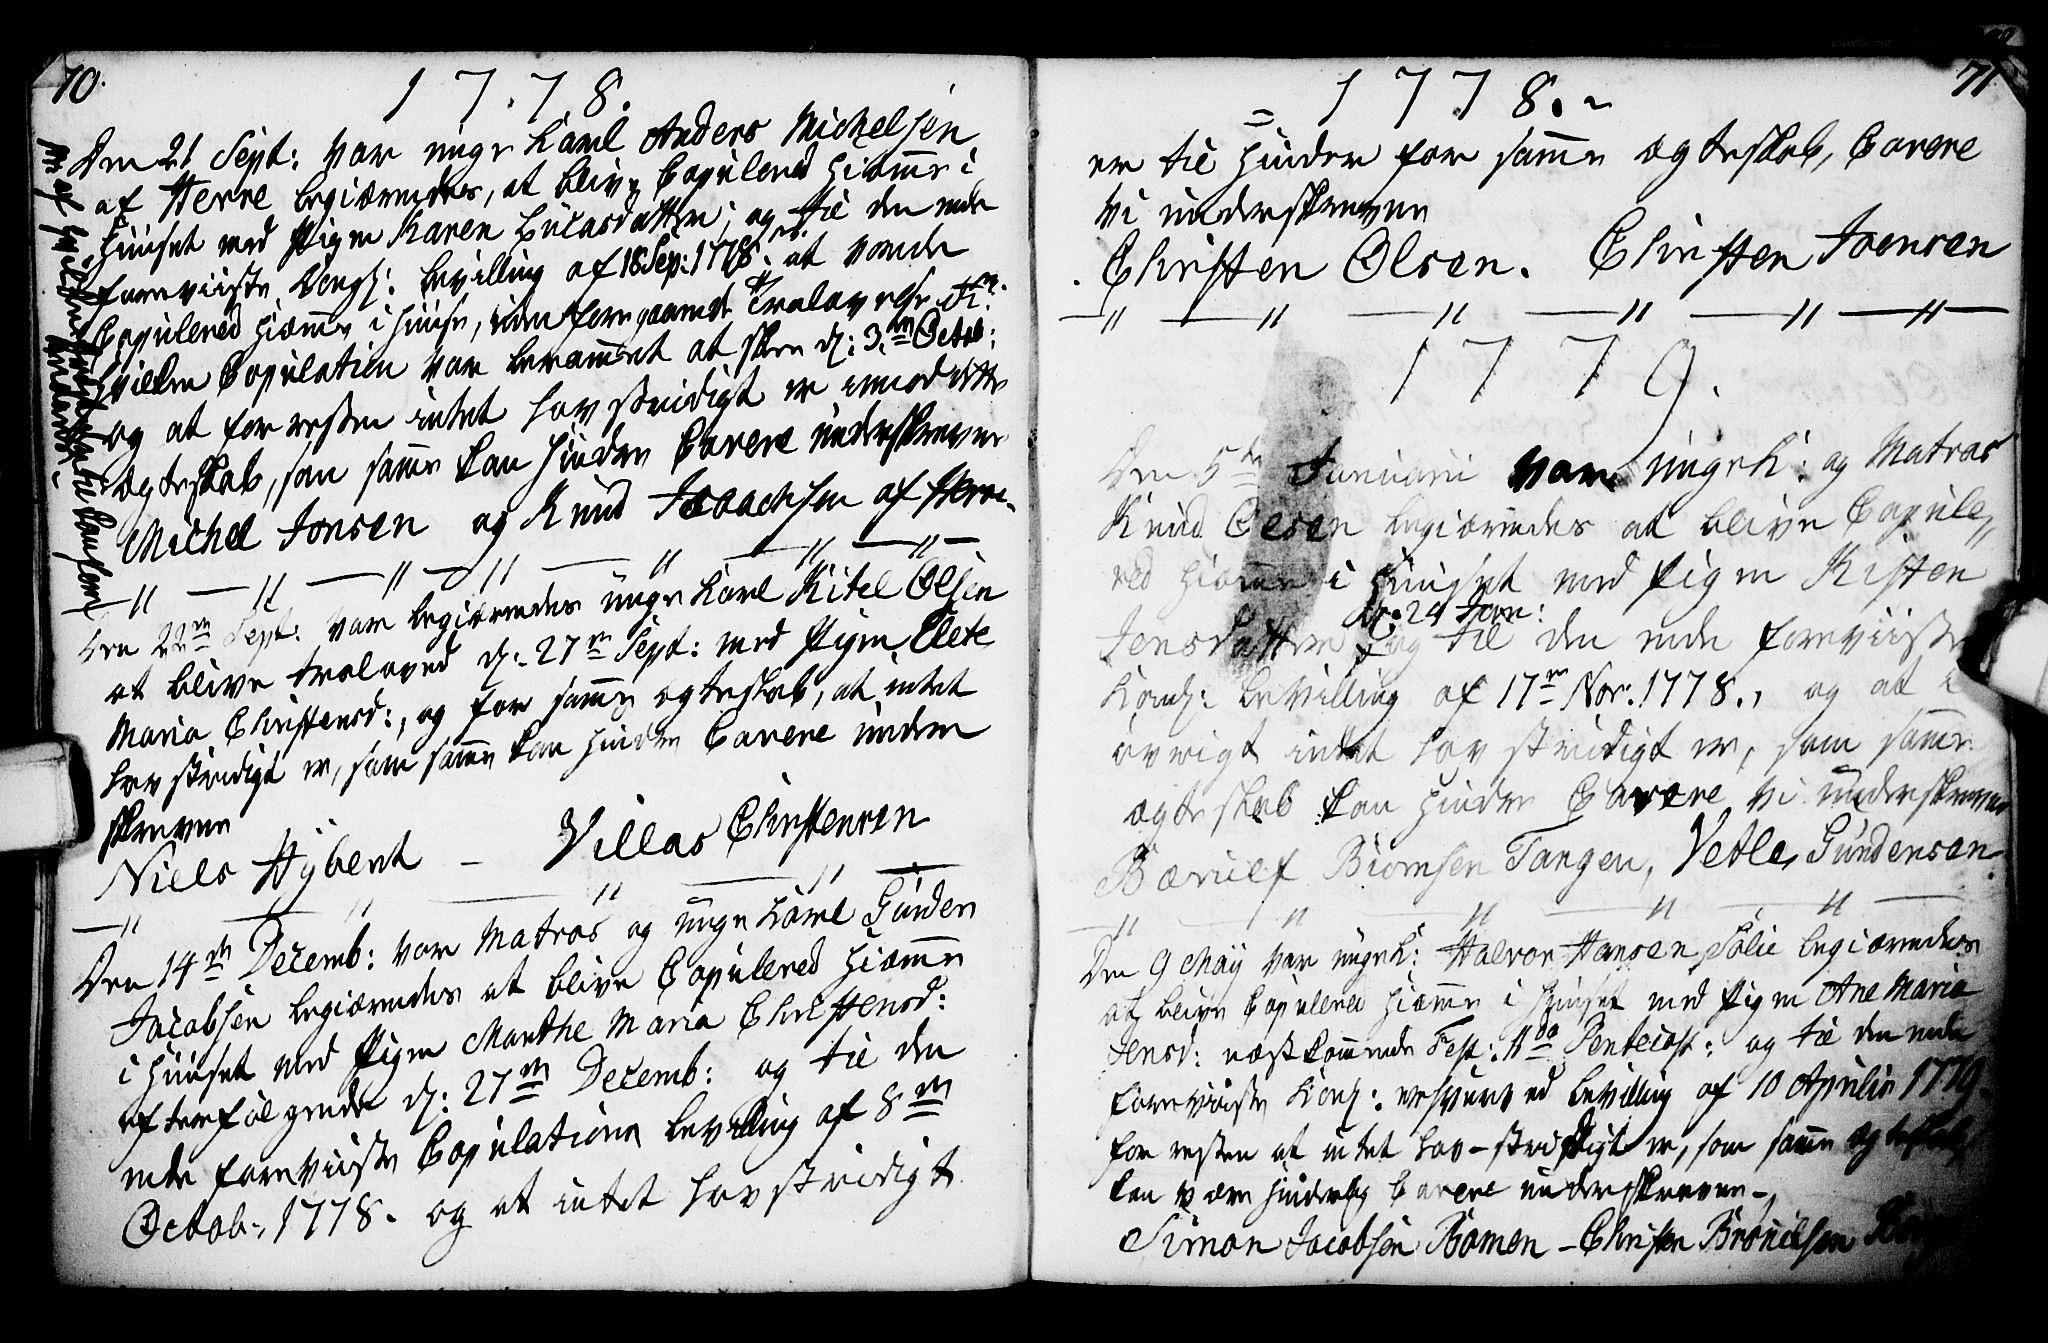 SAKO, Porsgrunn kirkebøker , F/Fa/L0003: Ministerialbok nr. 3, 1764-1814, s. 70-71